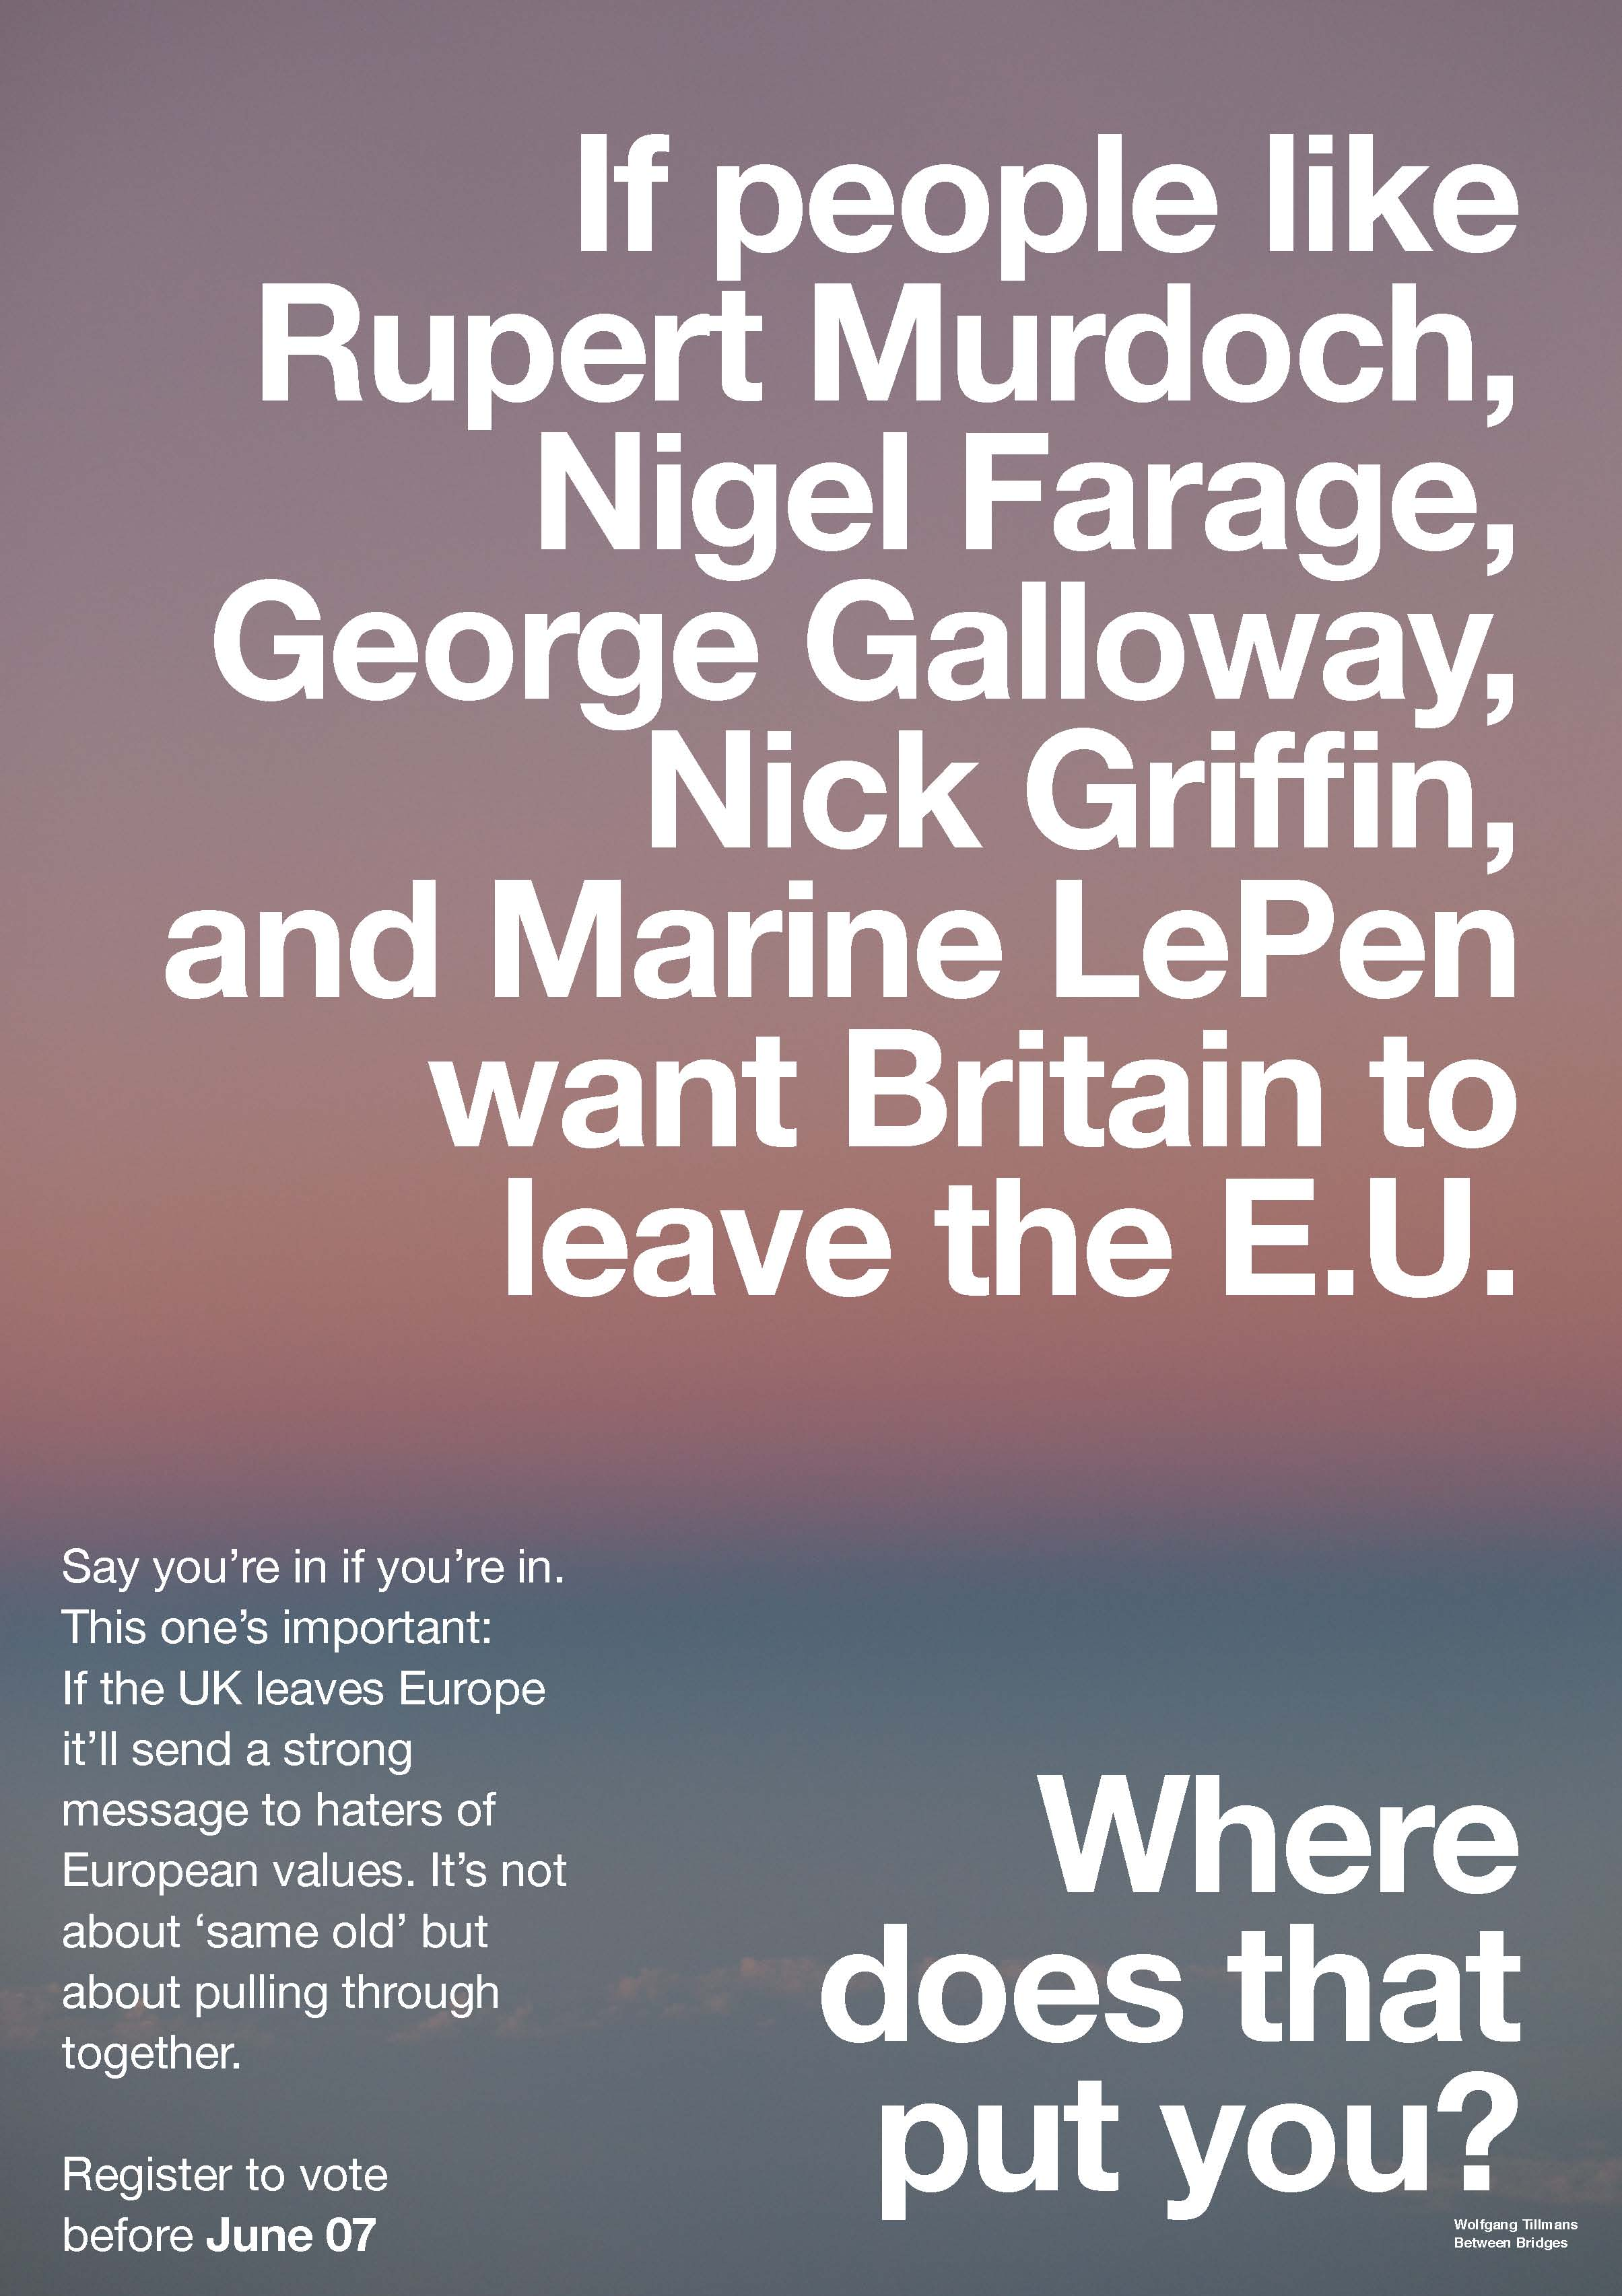 EU Campaign Wolfgang Tillmans - Between Bridges_26.04_Page_05.jpg